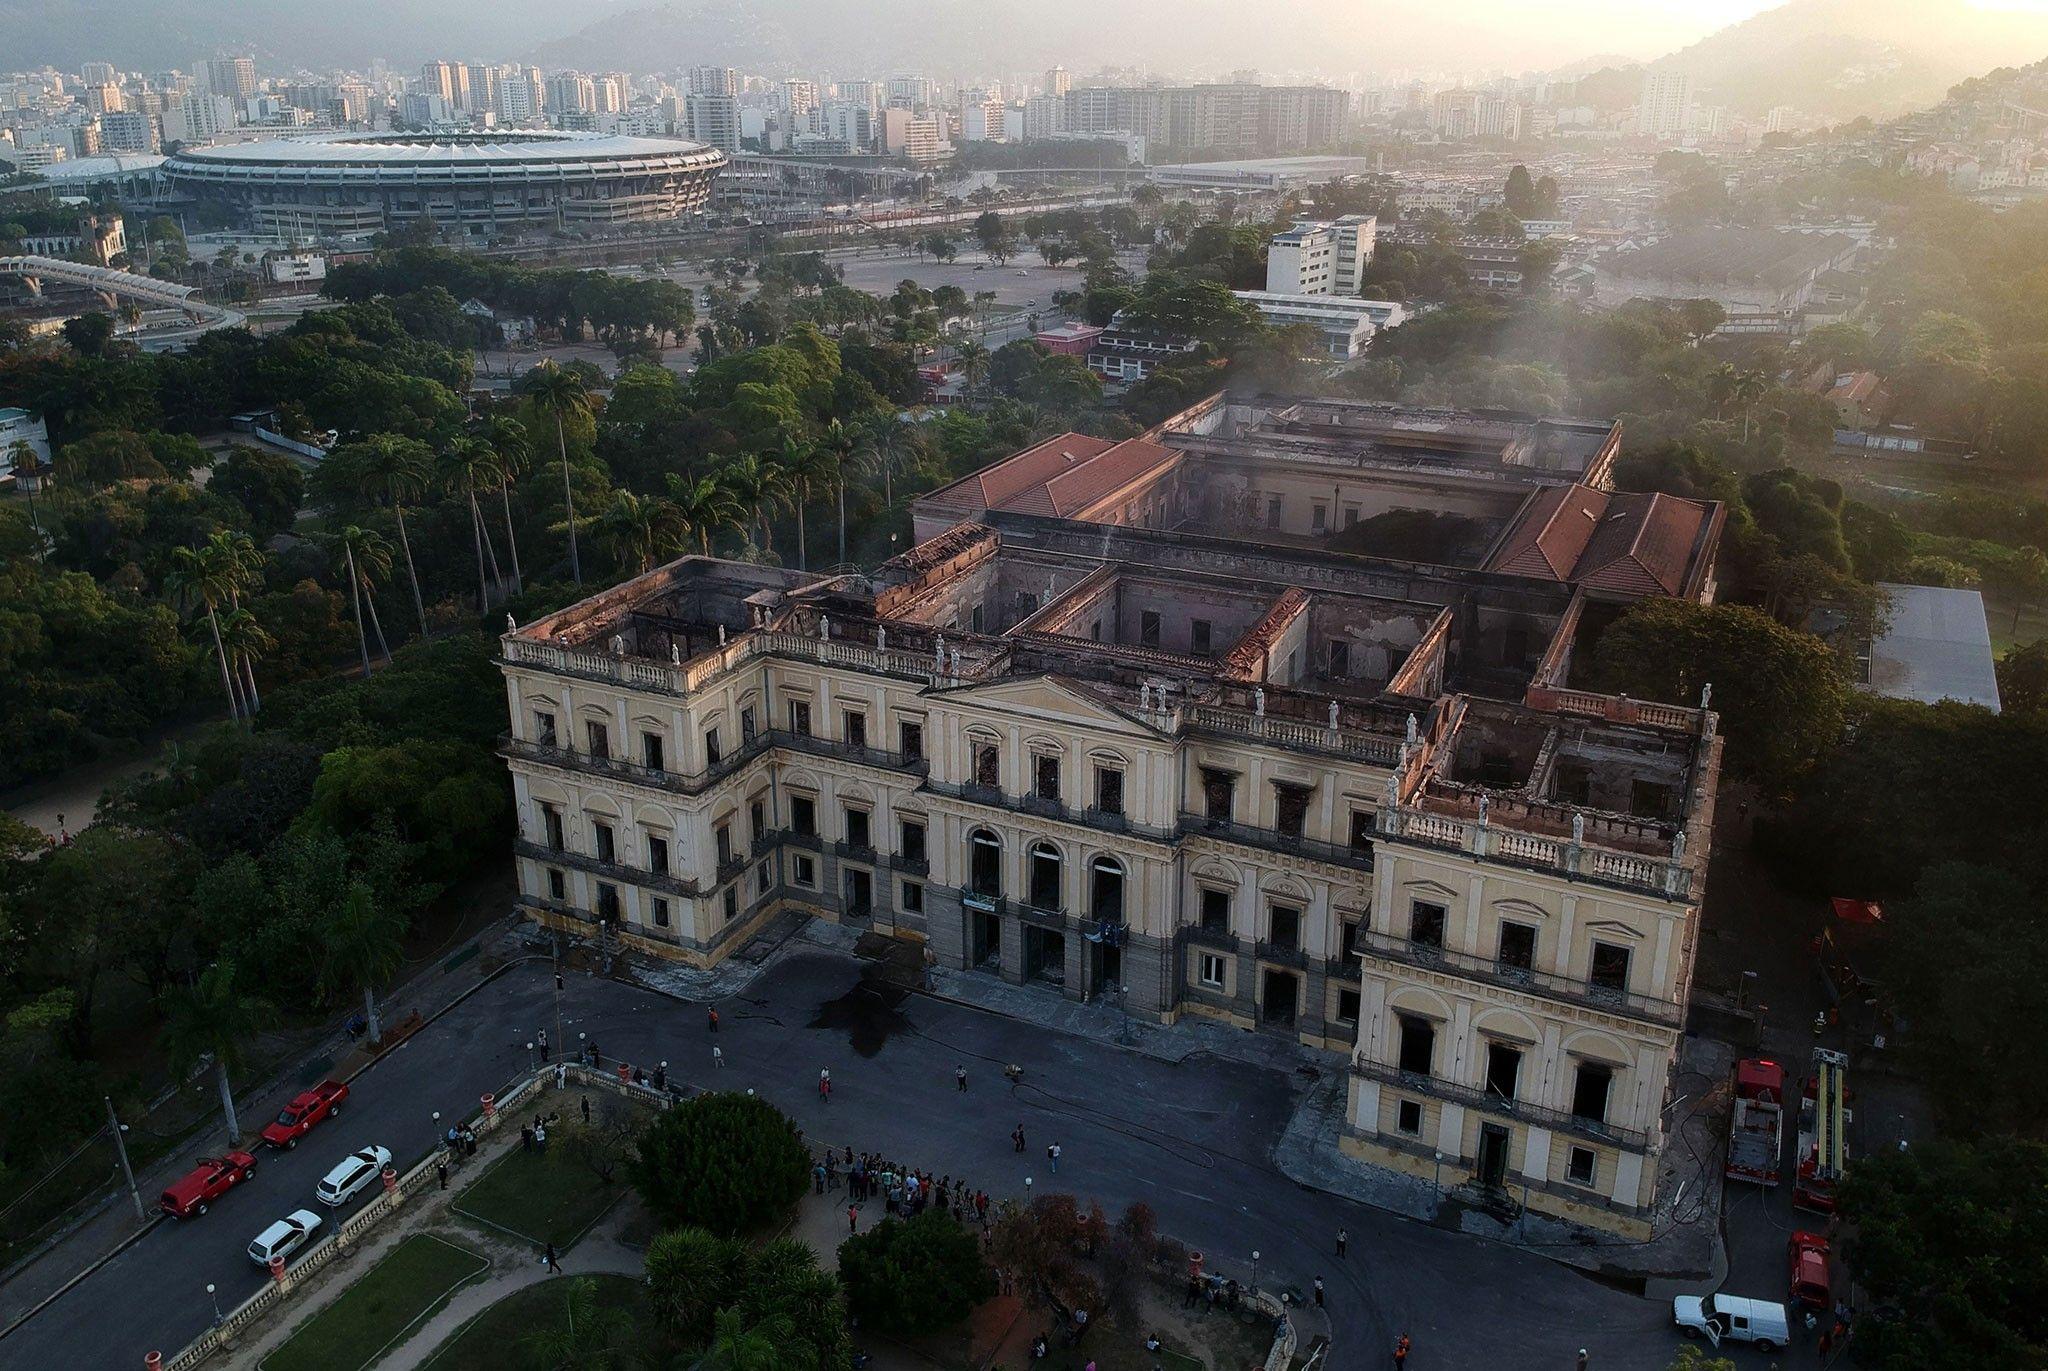 Museu Nacional do Rio de Janeiro cover image